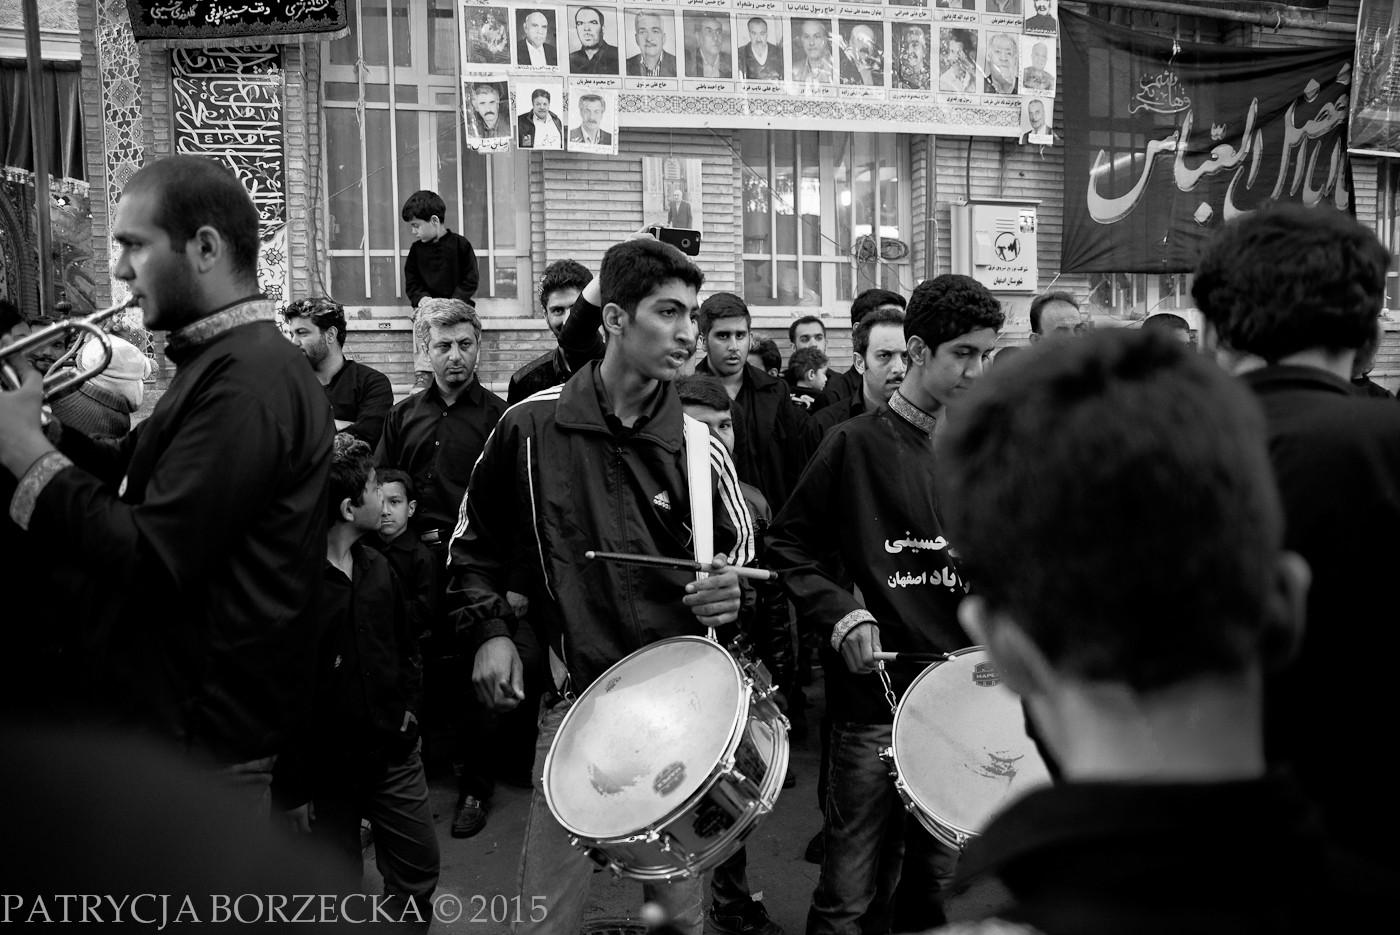 PatrycjaBorzecka-photo-Muharram14